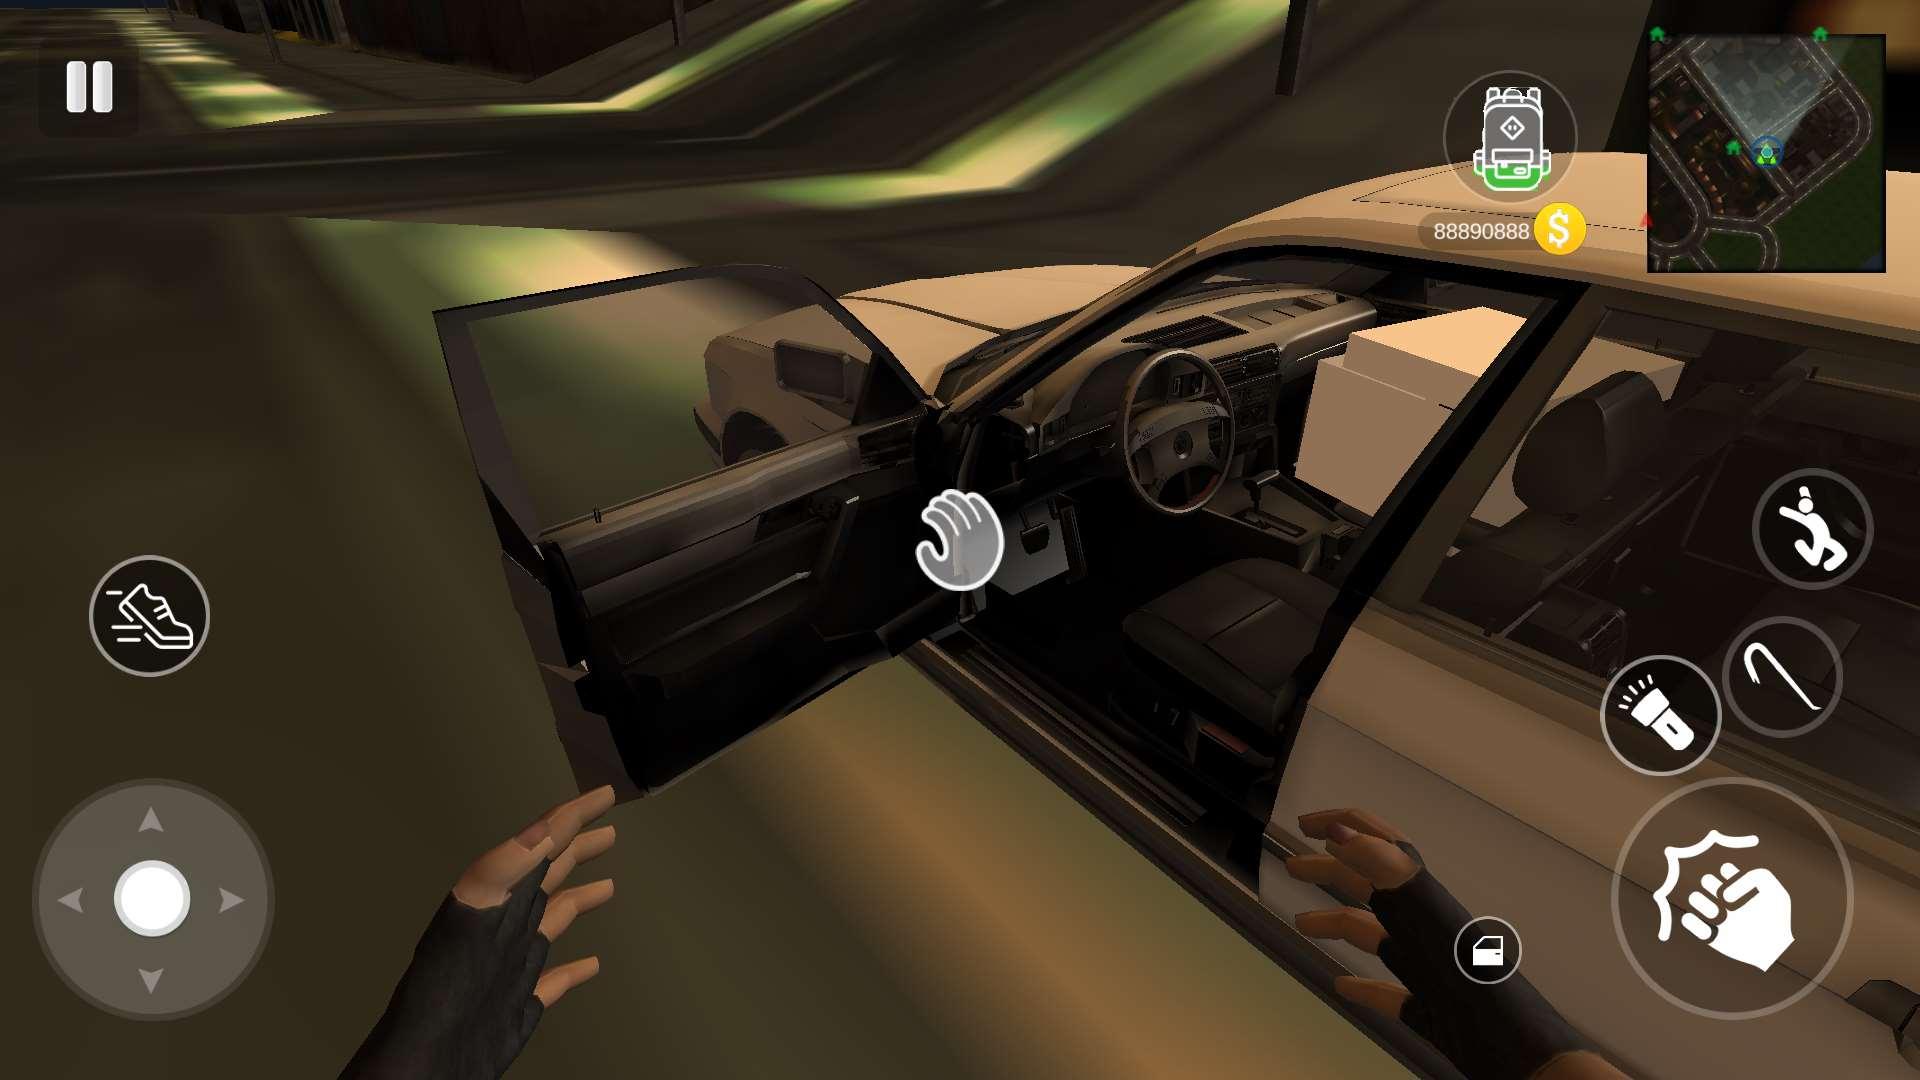 偷盗模拟器游戏无限金币破解版 v1.1.截图